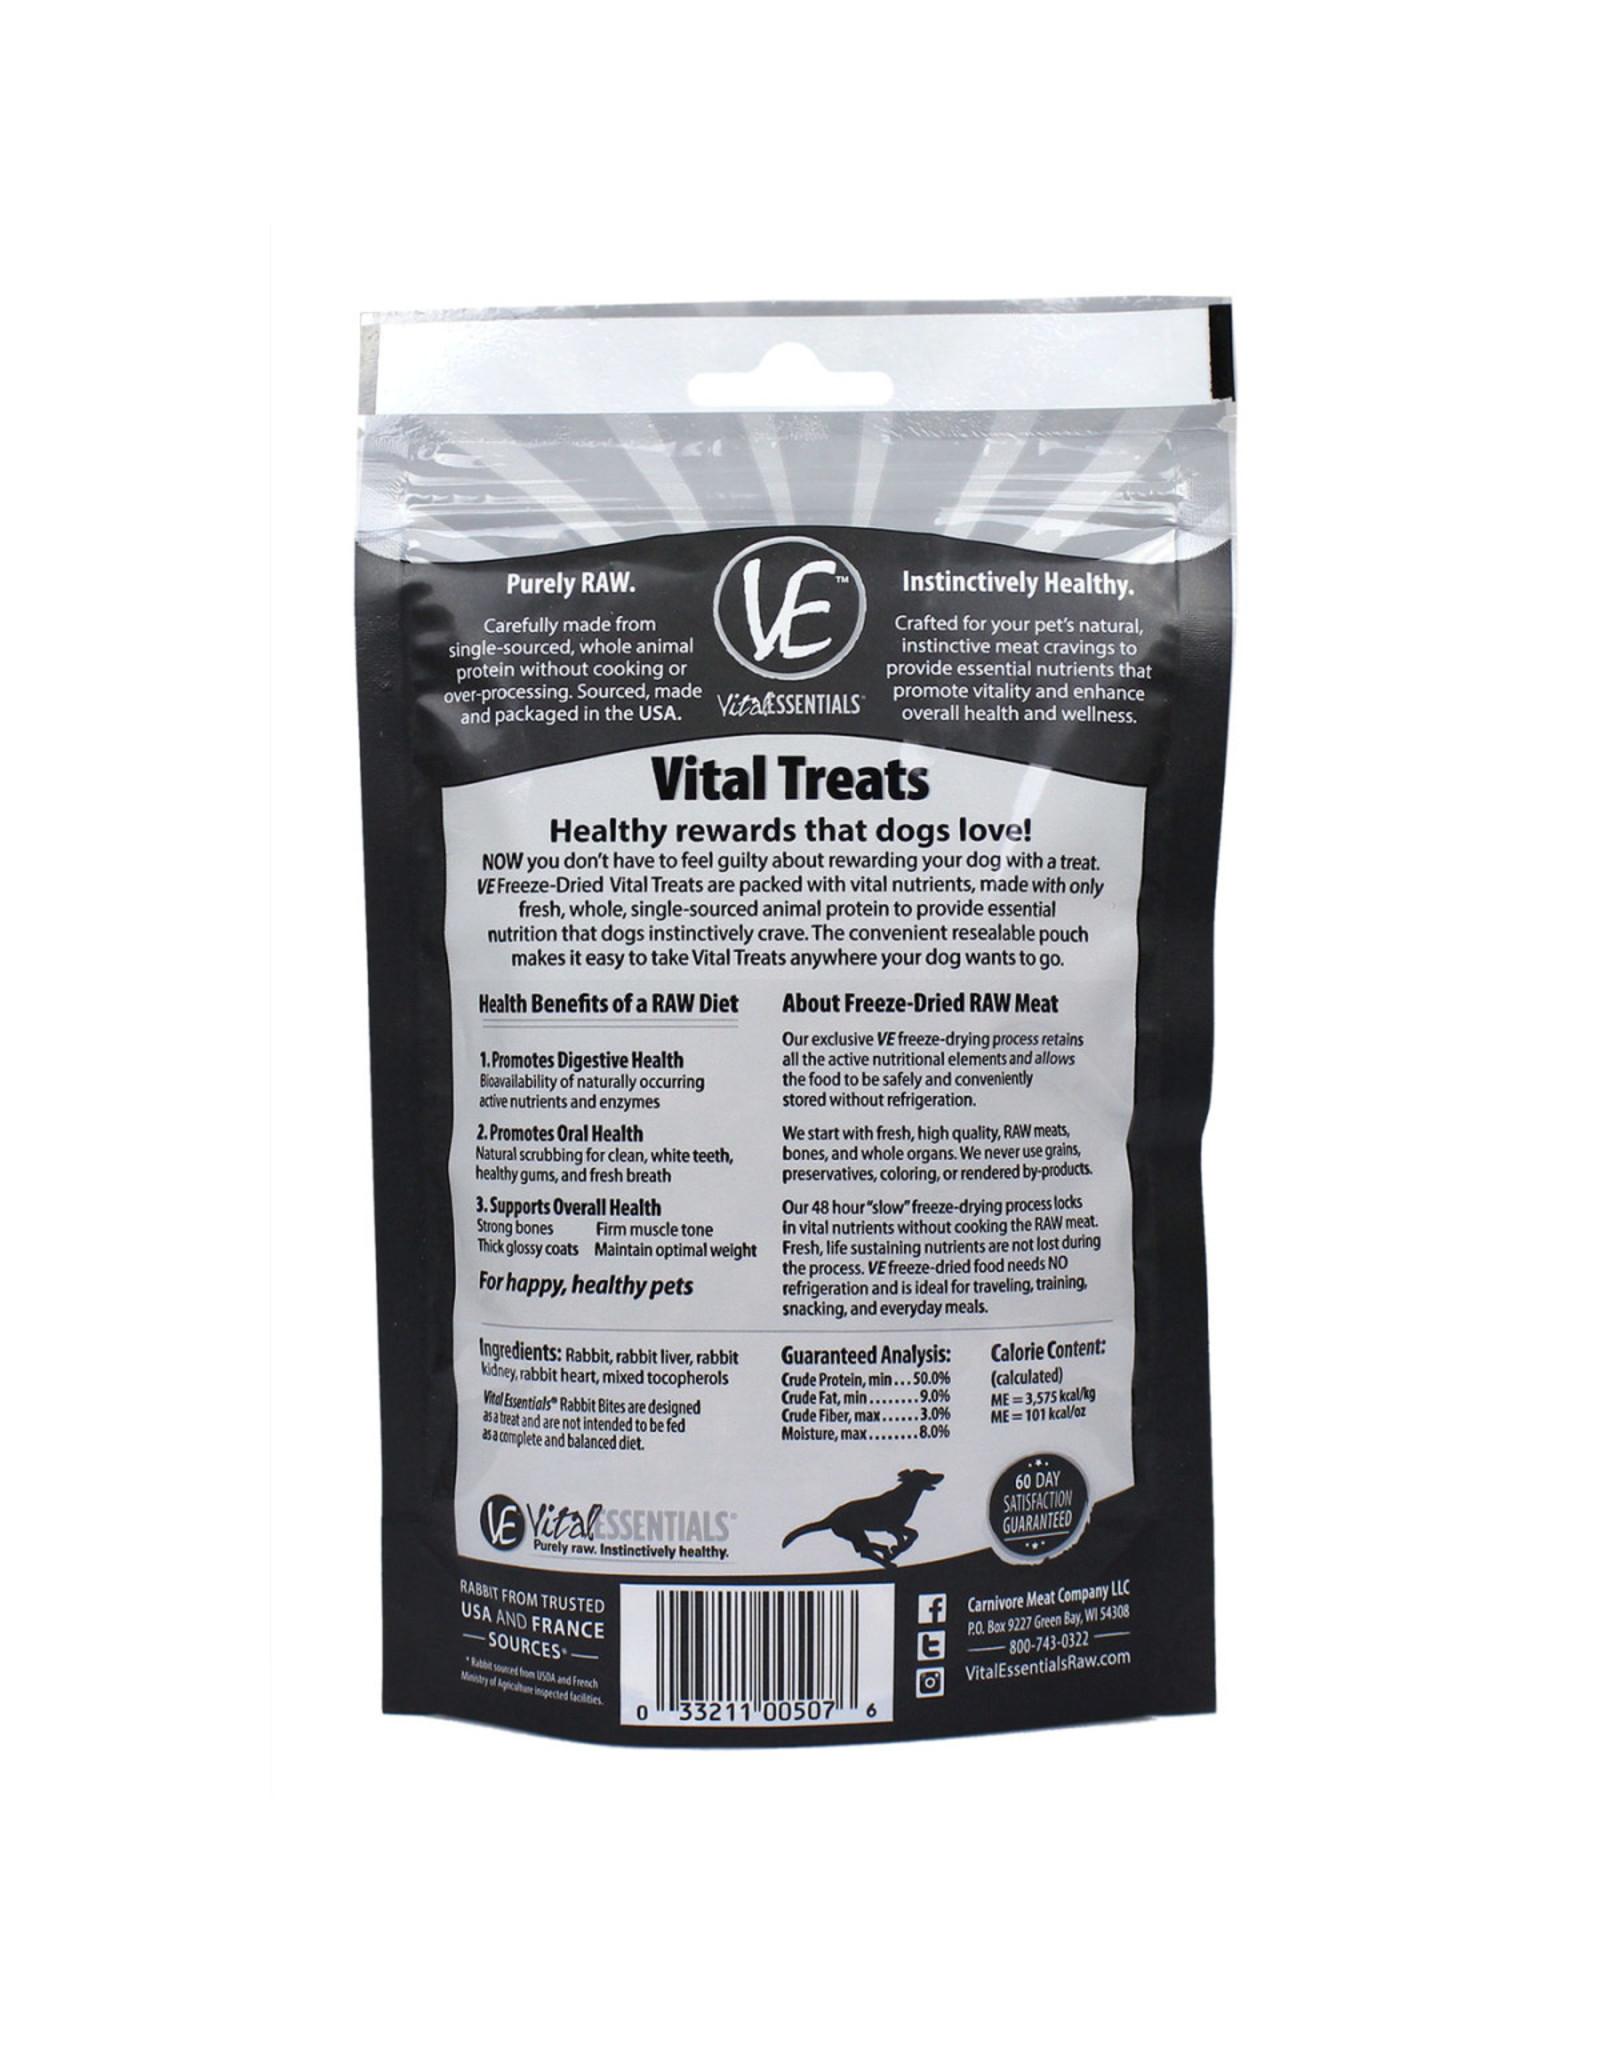 Vital Essentials VITAL ESSENTIALS FREEZE DRIED RABBIT BITES TREATS FOR DOGS 2OZ